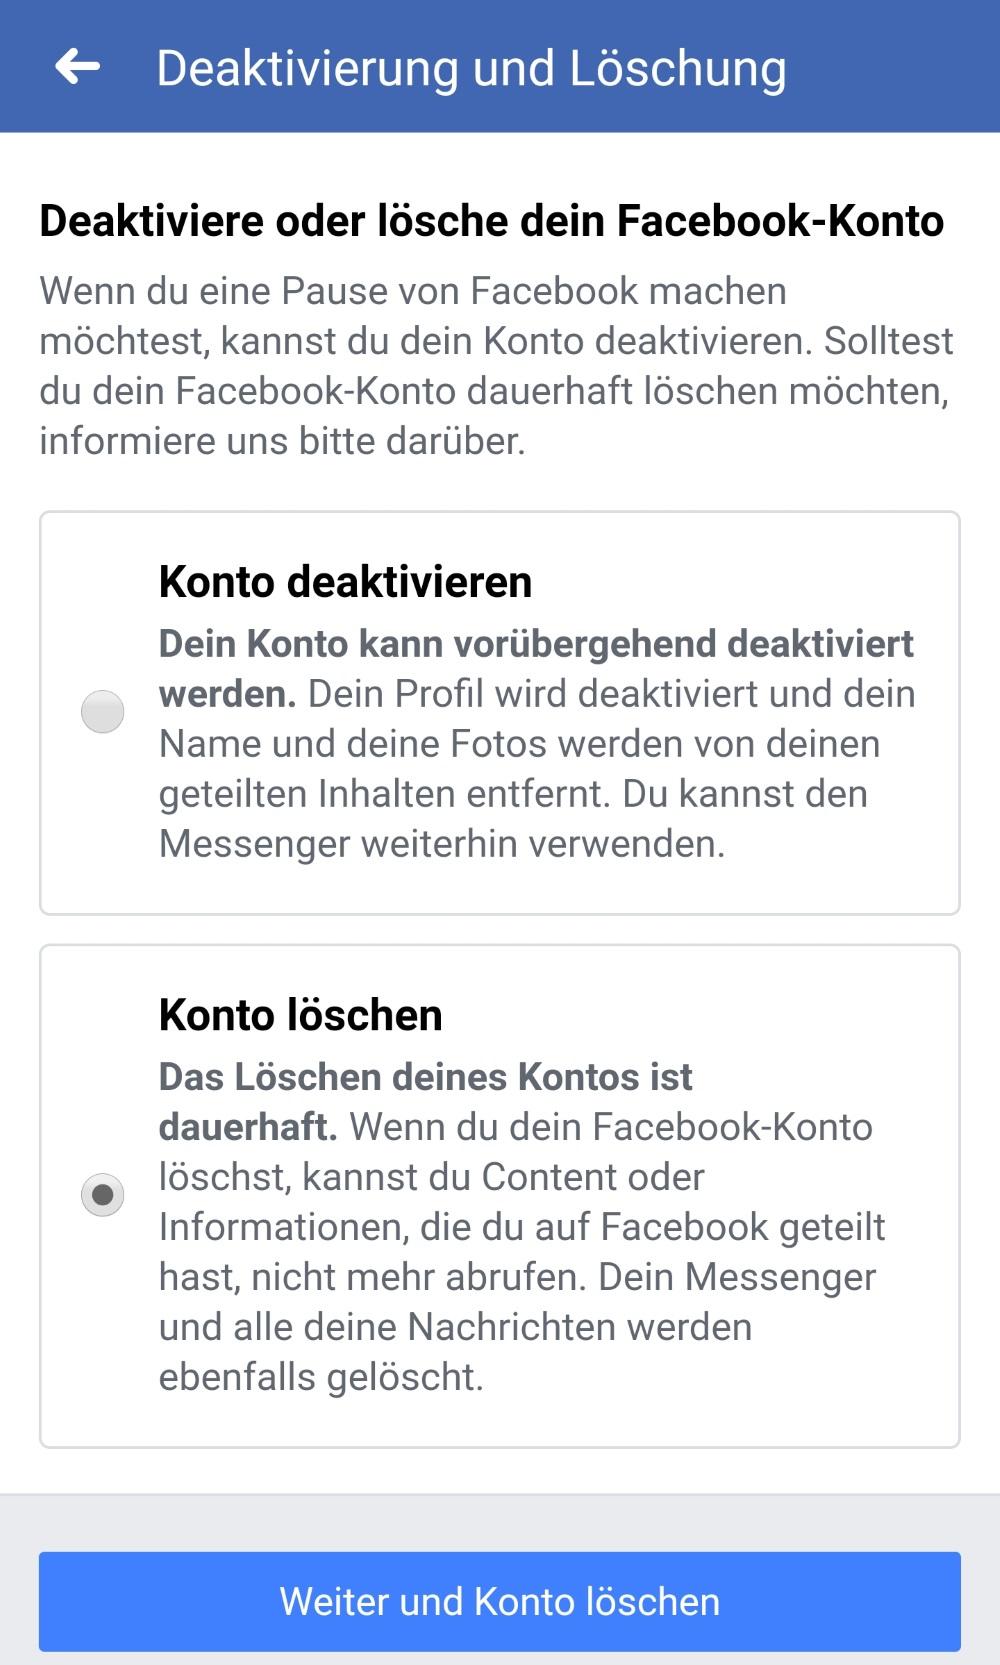 Facebook-Konto löschen Auswahl